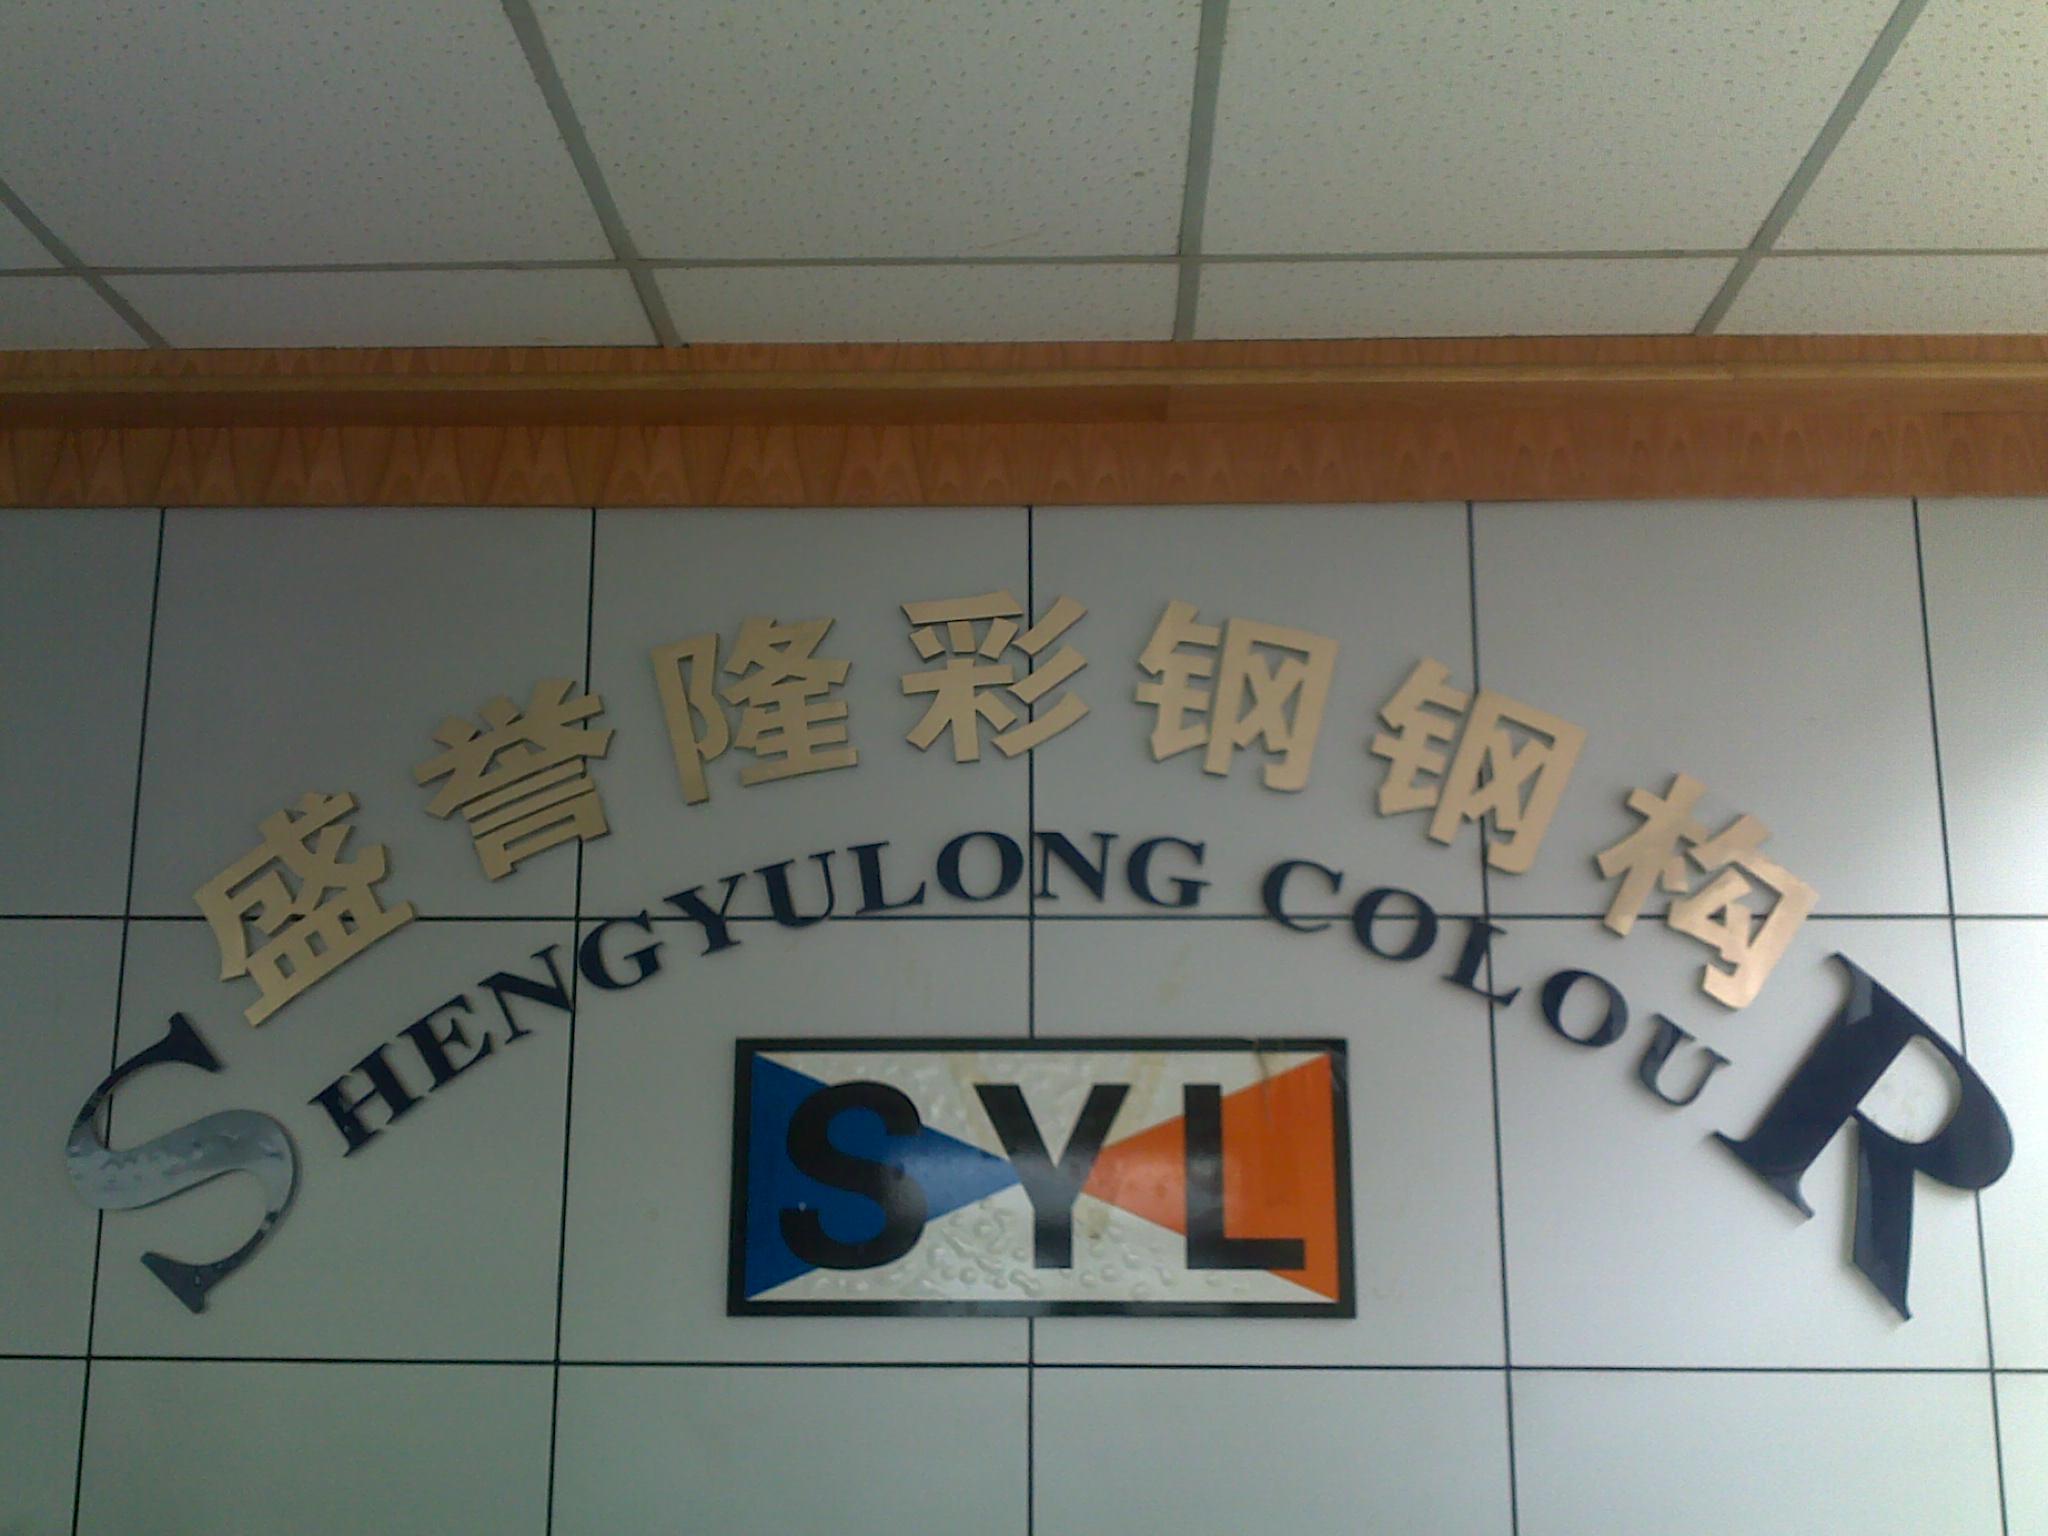 北京盛誉隆彩钢压型制品有限公司